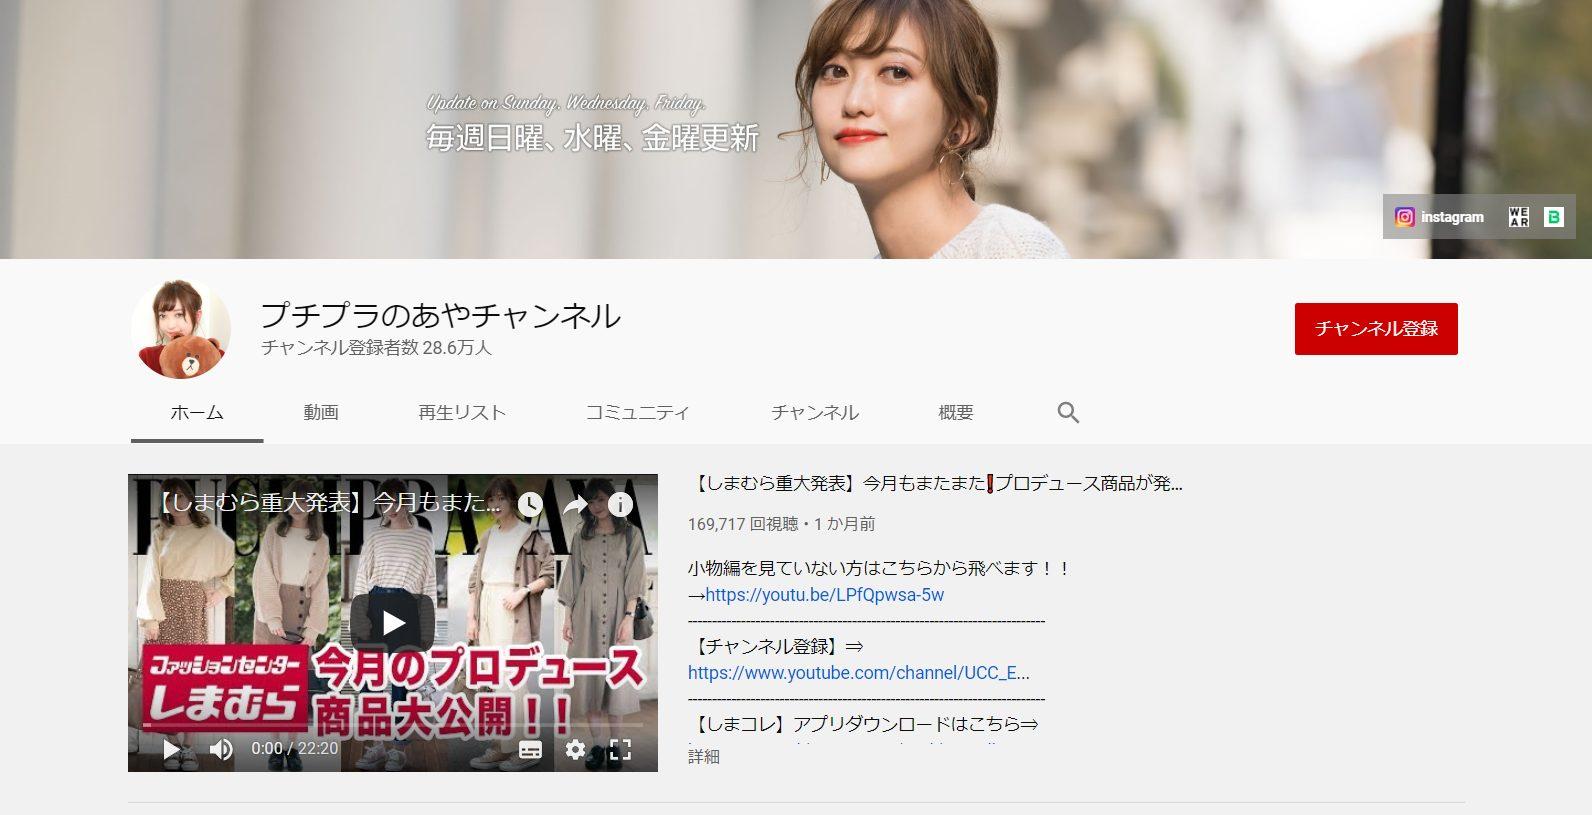 youtube-fashion-influencer-putipla-no-aya